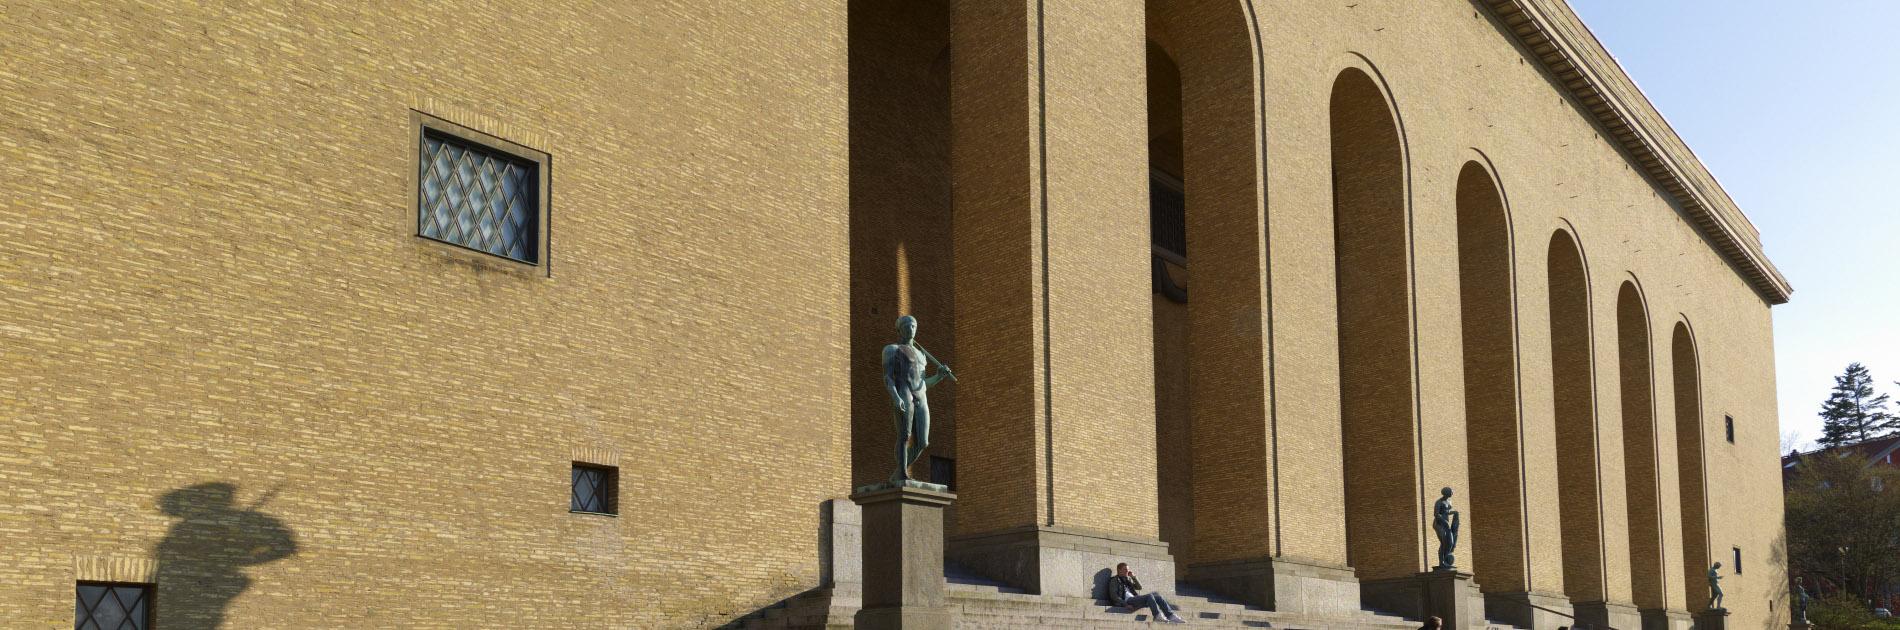 Den ljusa tegelfasaden och de sju portalerna på Göteborgs konstmuseum.